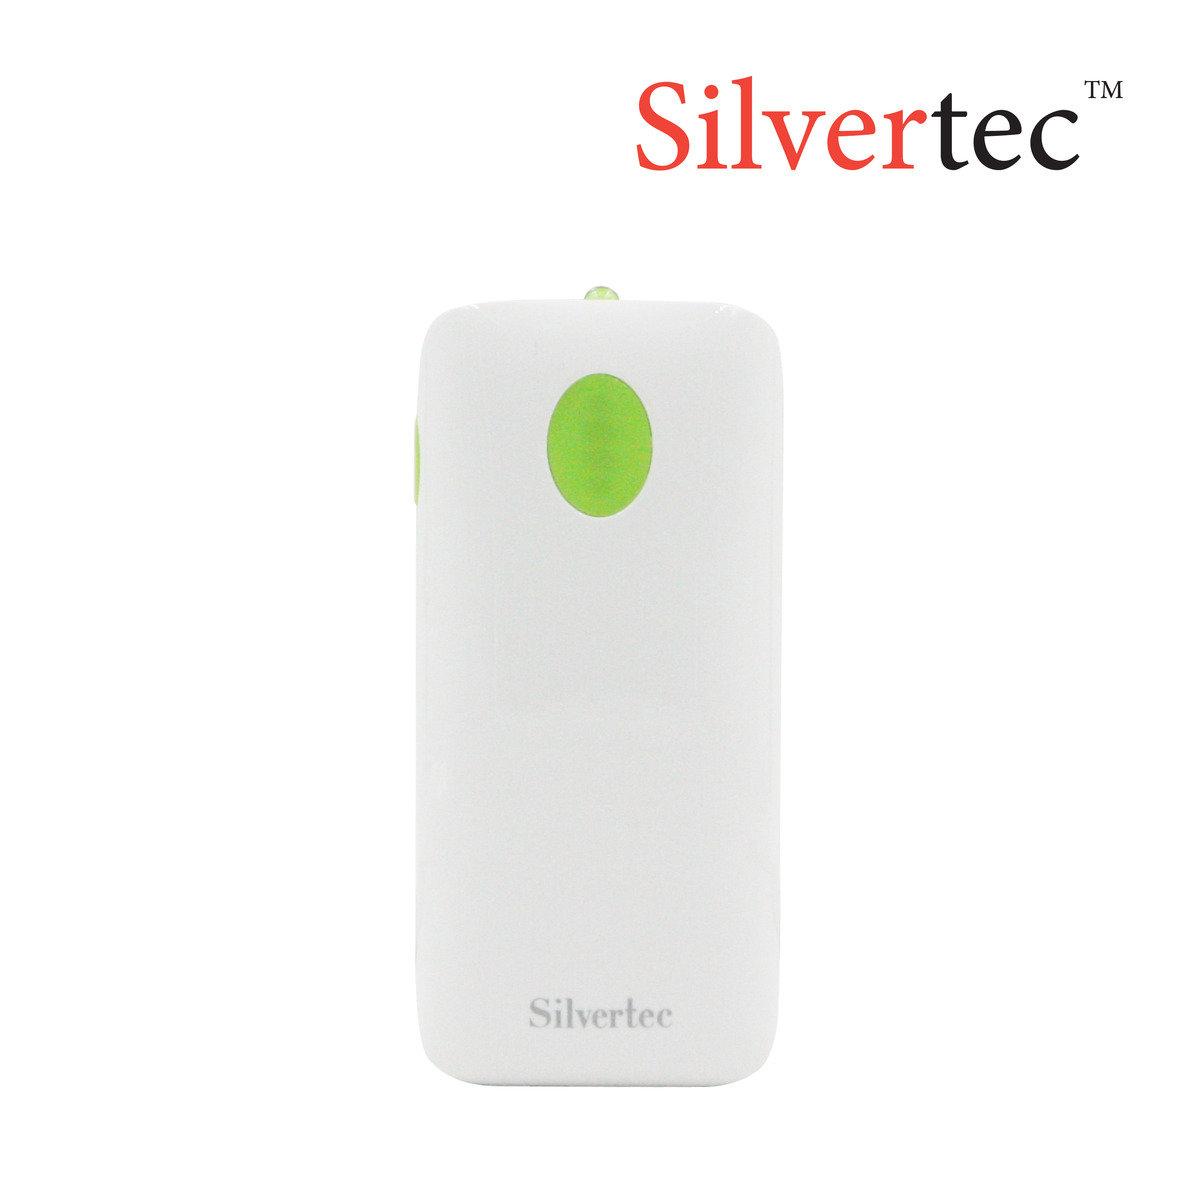 SY321 5200mAh 三洋電芯移動電源 白綠